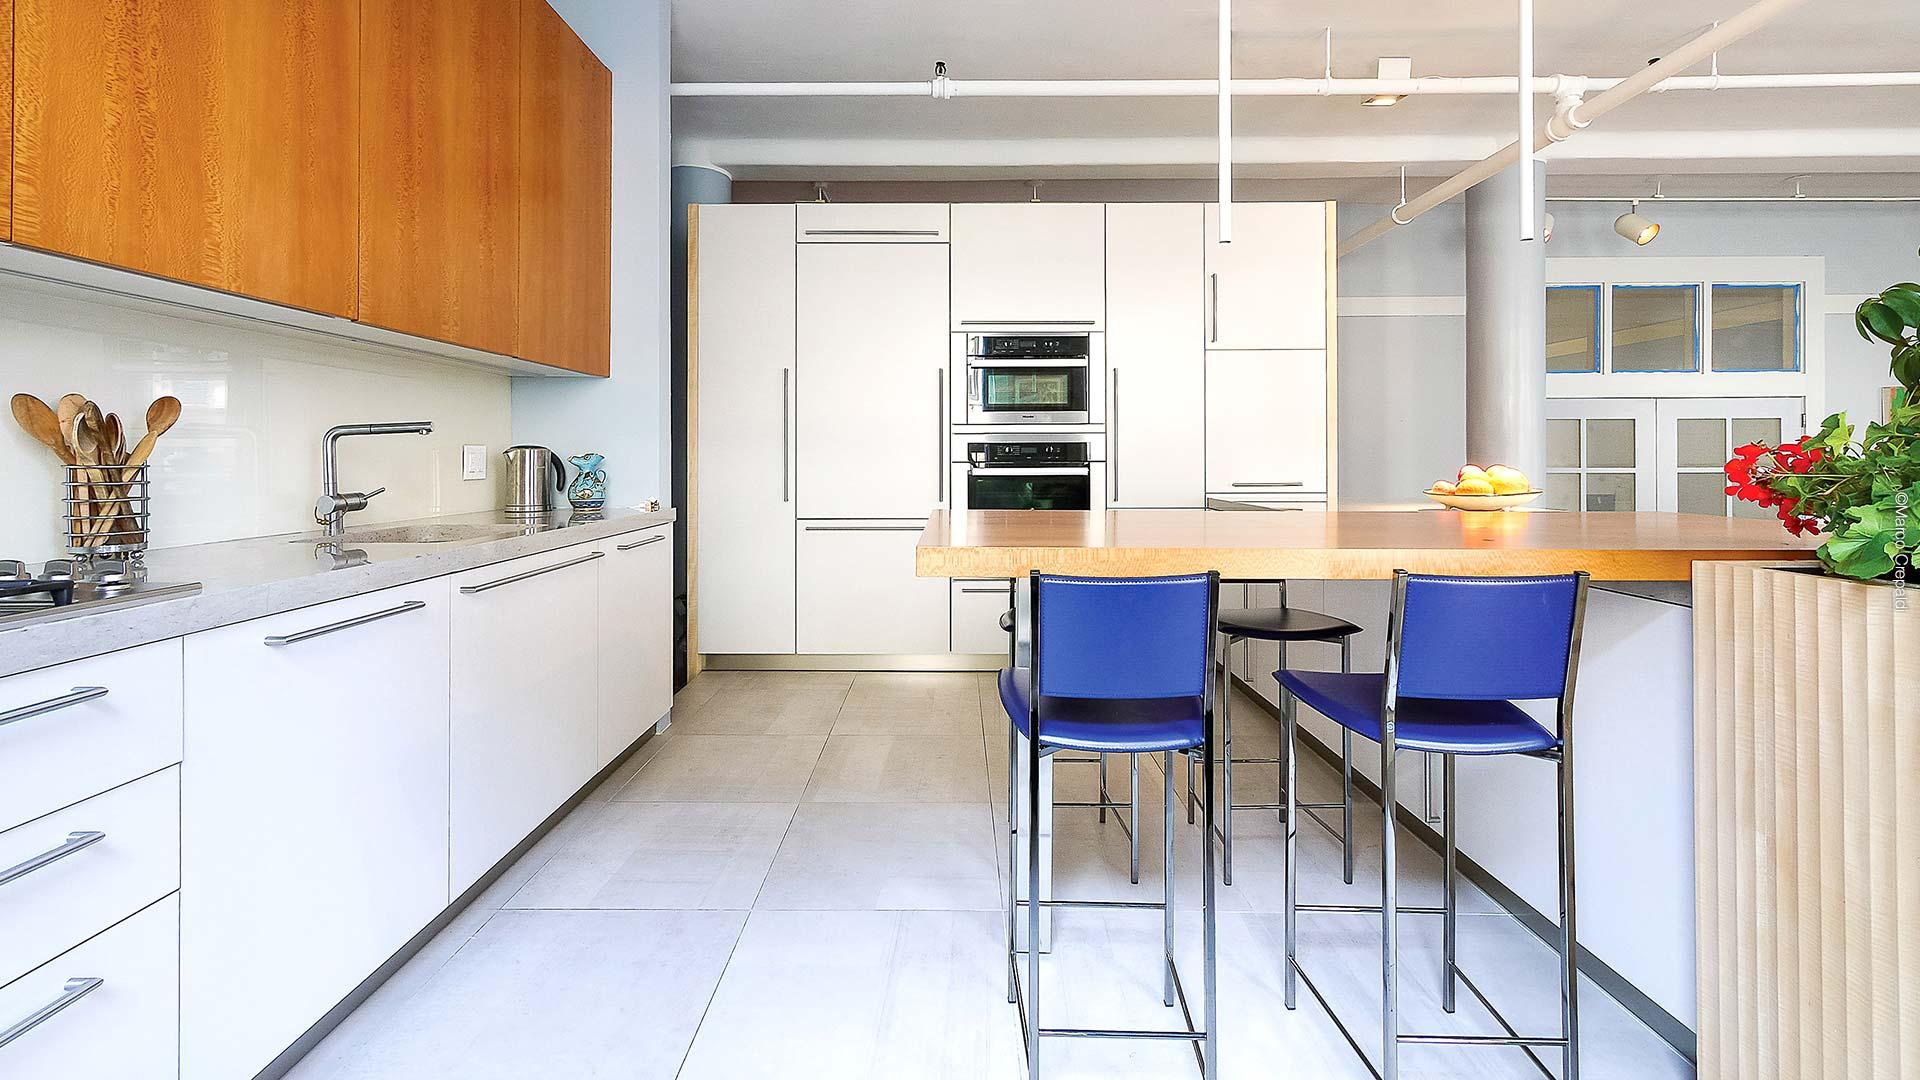 Cucina in platano freestanding in composizione lineare